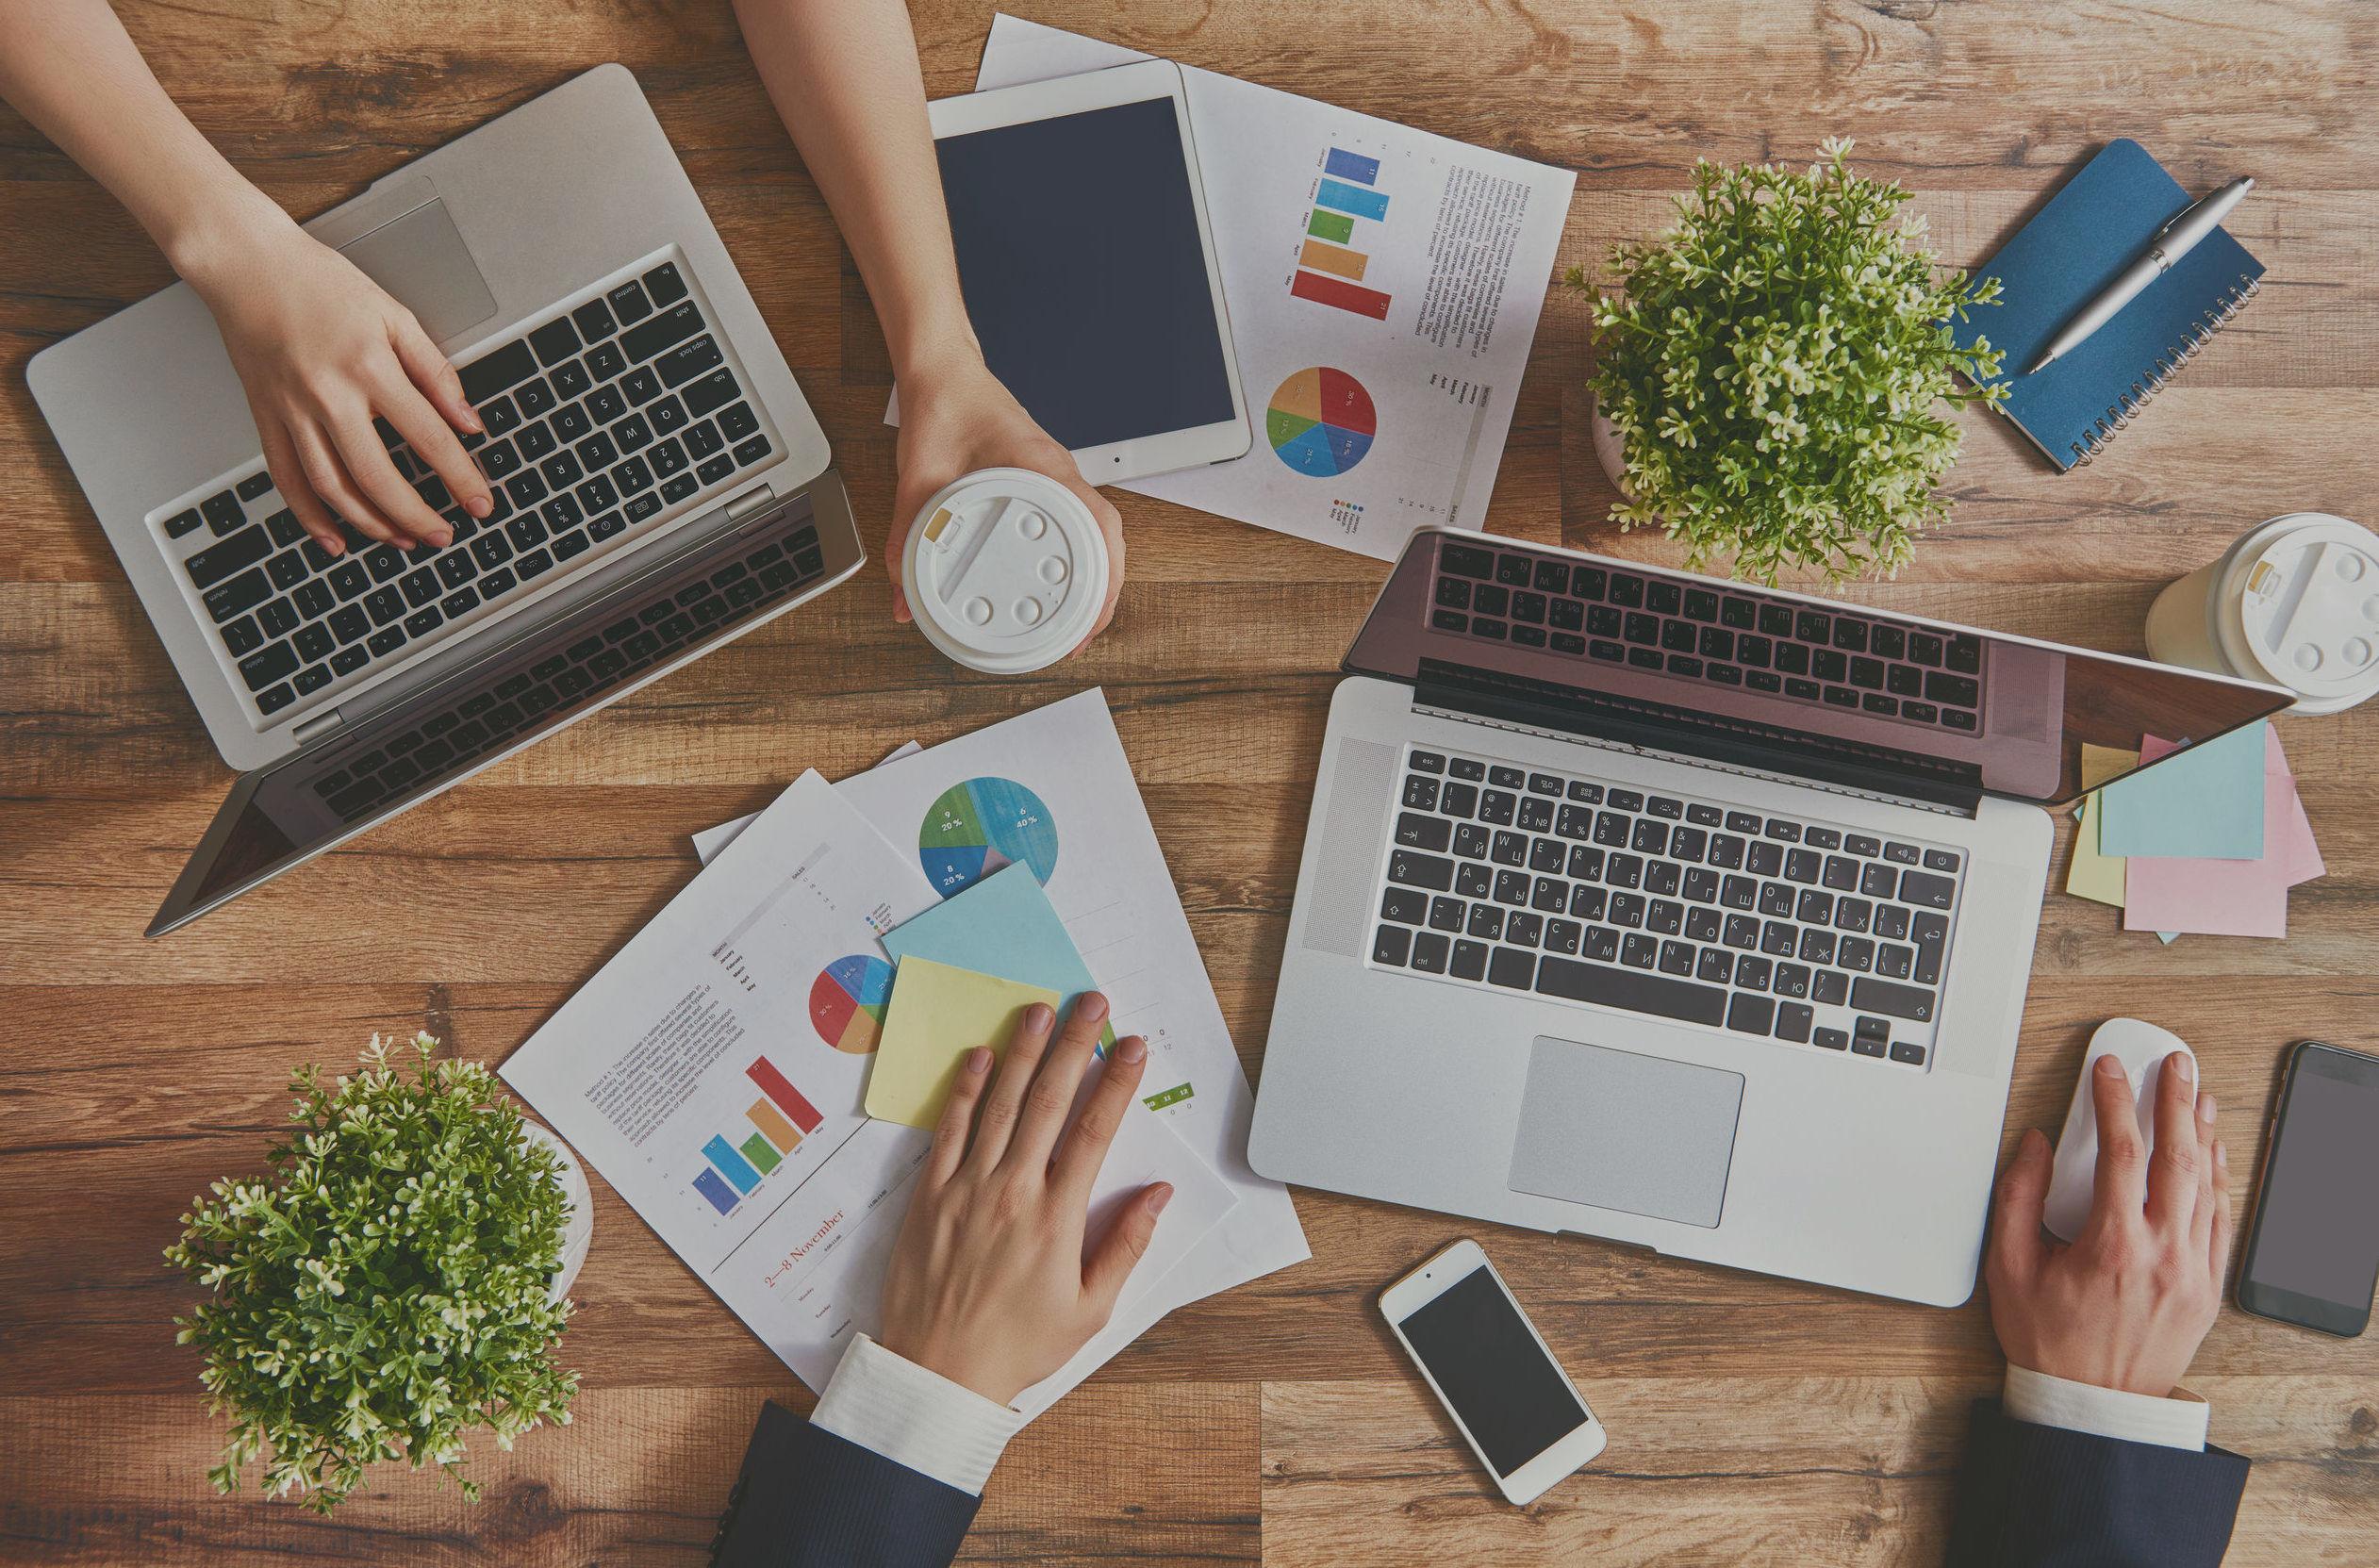 Giaco studio Valorizziamo l'immagine di imprese